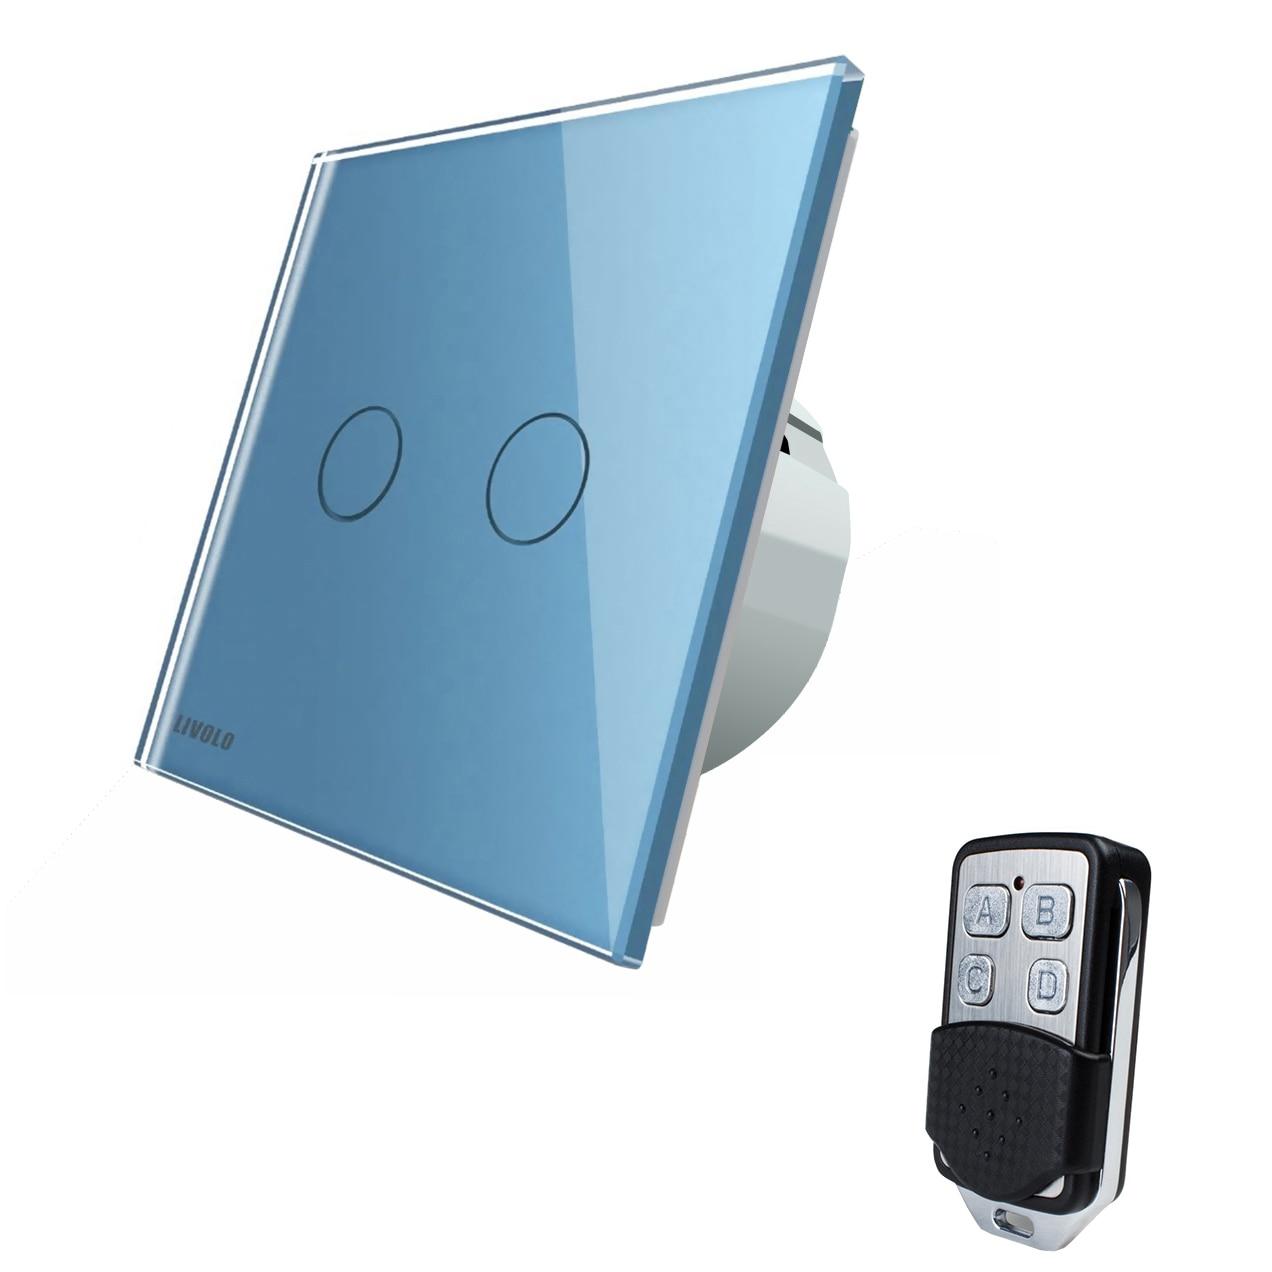 Fotografie Intrerupator dublu cu touch Livolo, din sticla, Wi-Fi, telecomanda inclusa, Albastru